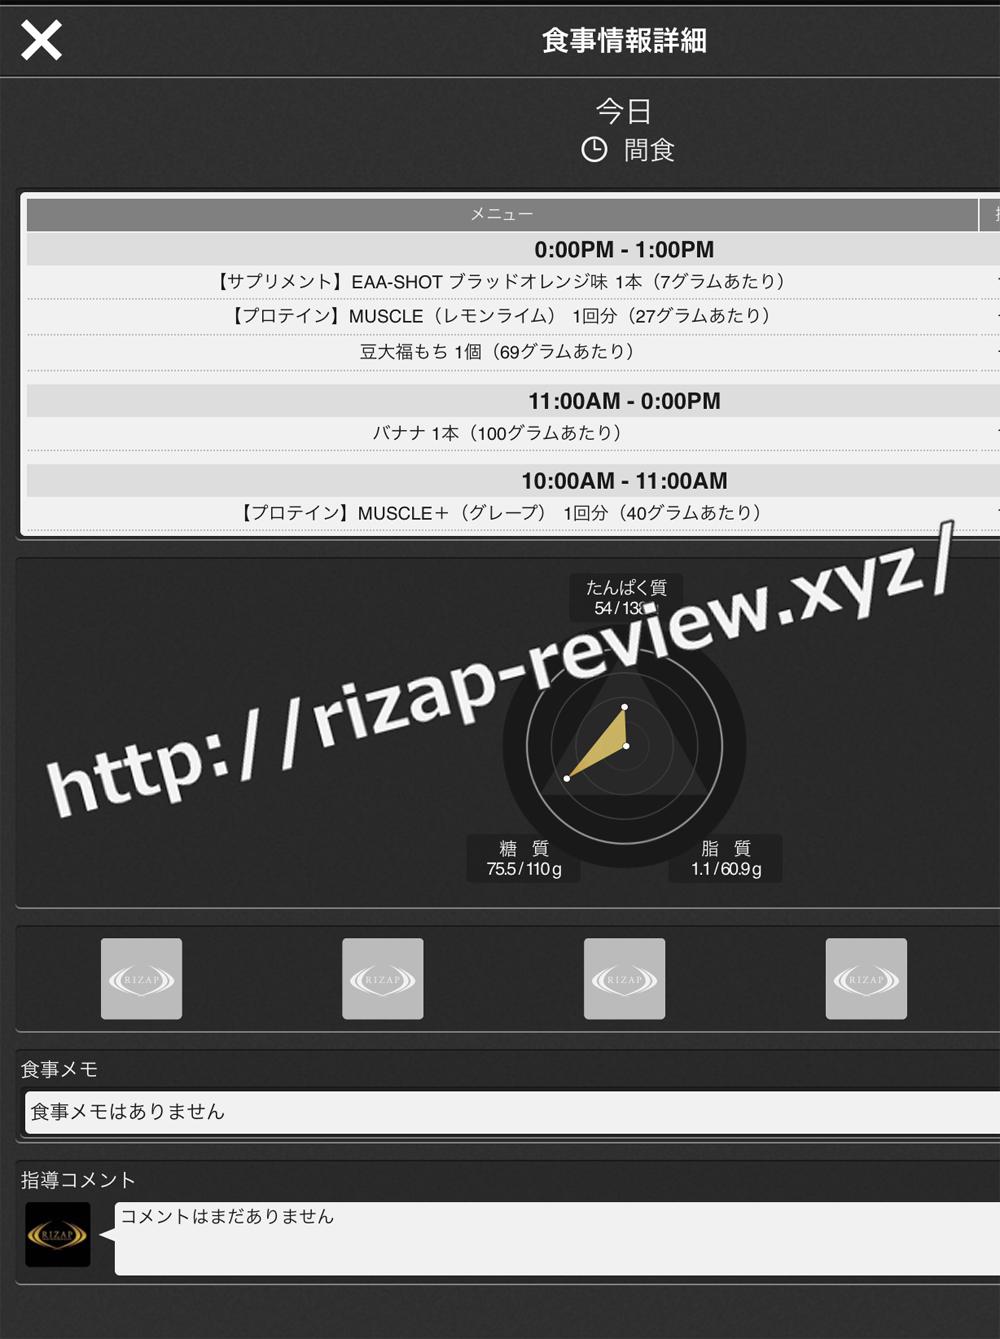 2018.12.21(金)ライザップ流の間食